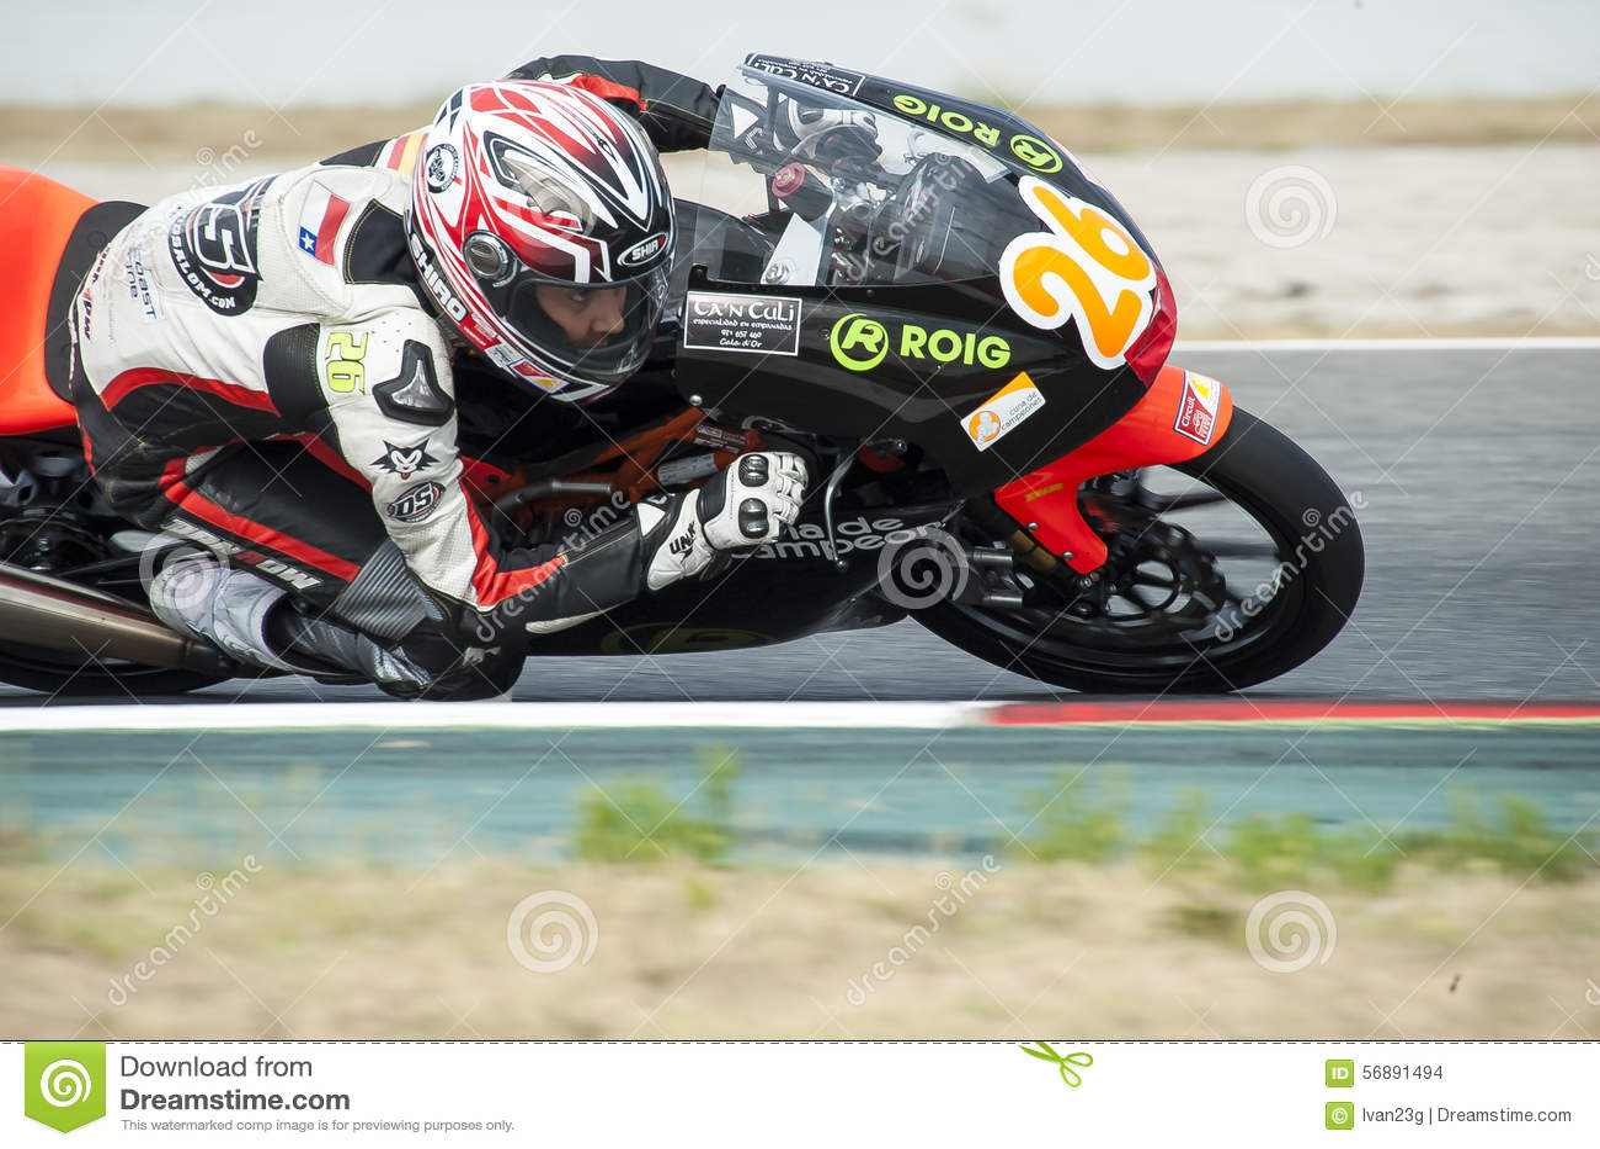 CAMPIONATO CATALANO di MOTOCICLISMO - Daniel Urrutia